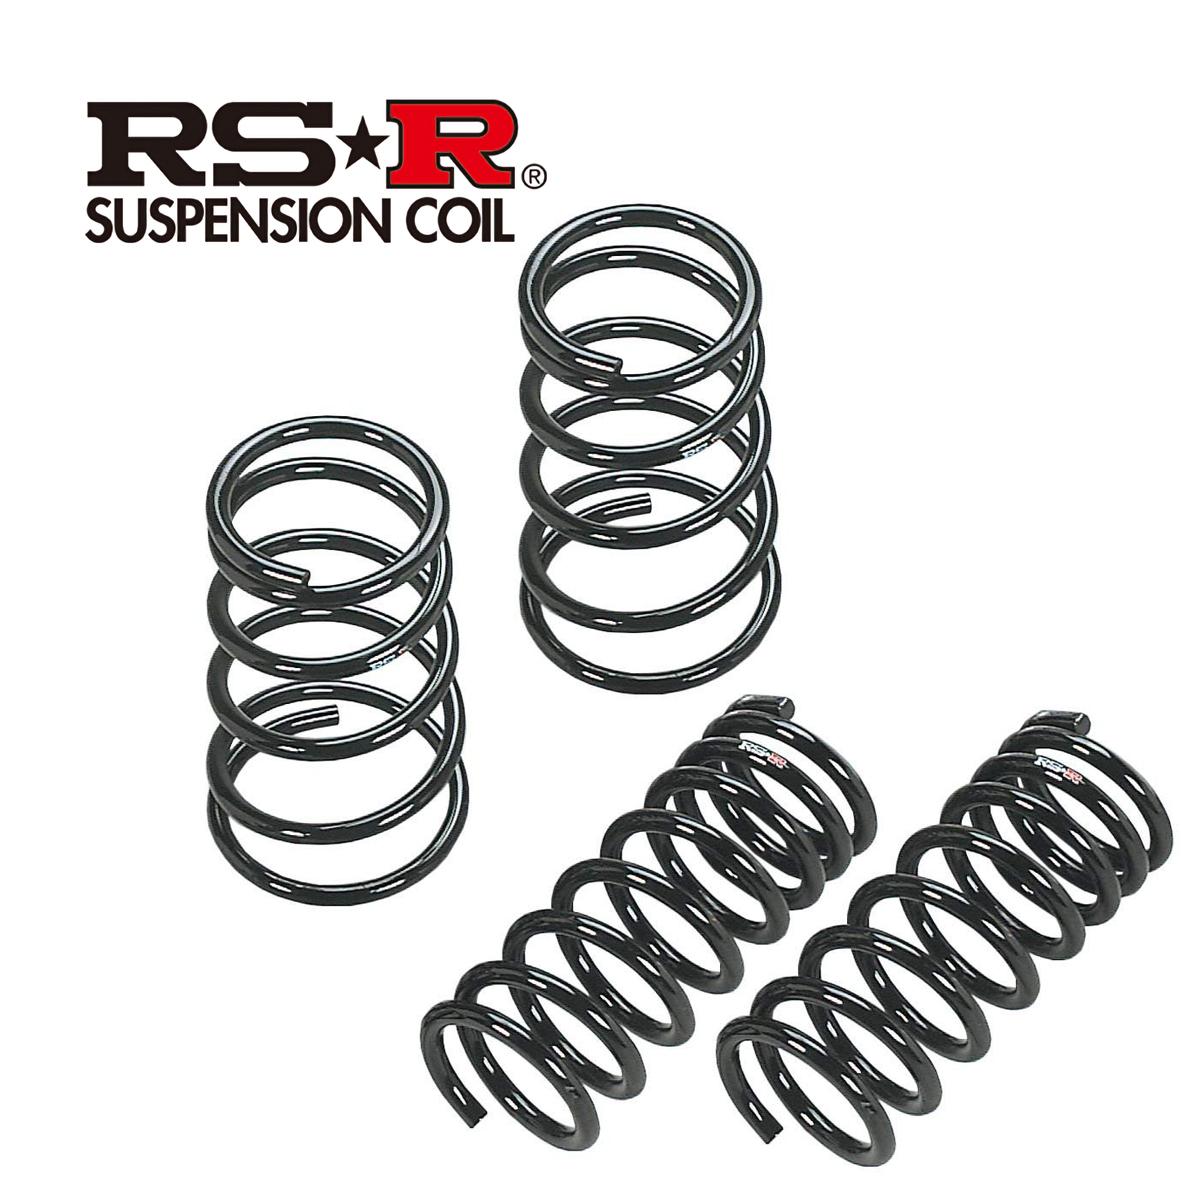 RS-R WRX STI STI タイプS VAB ダウンサス スプリング リアのみ F402DR RSR ダウン RSR